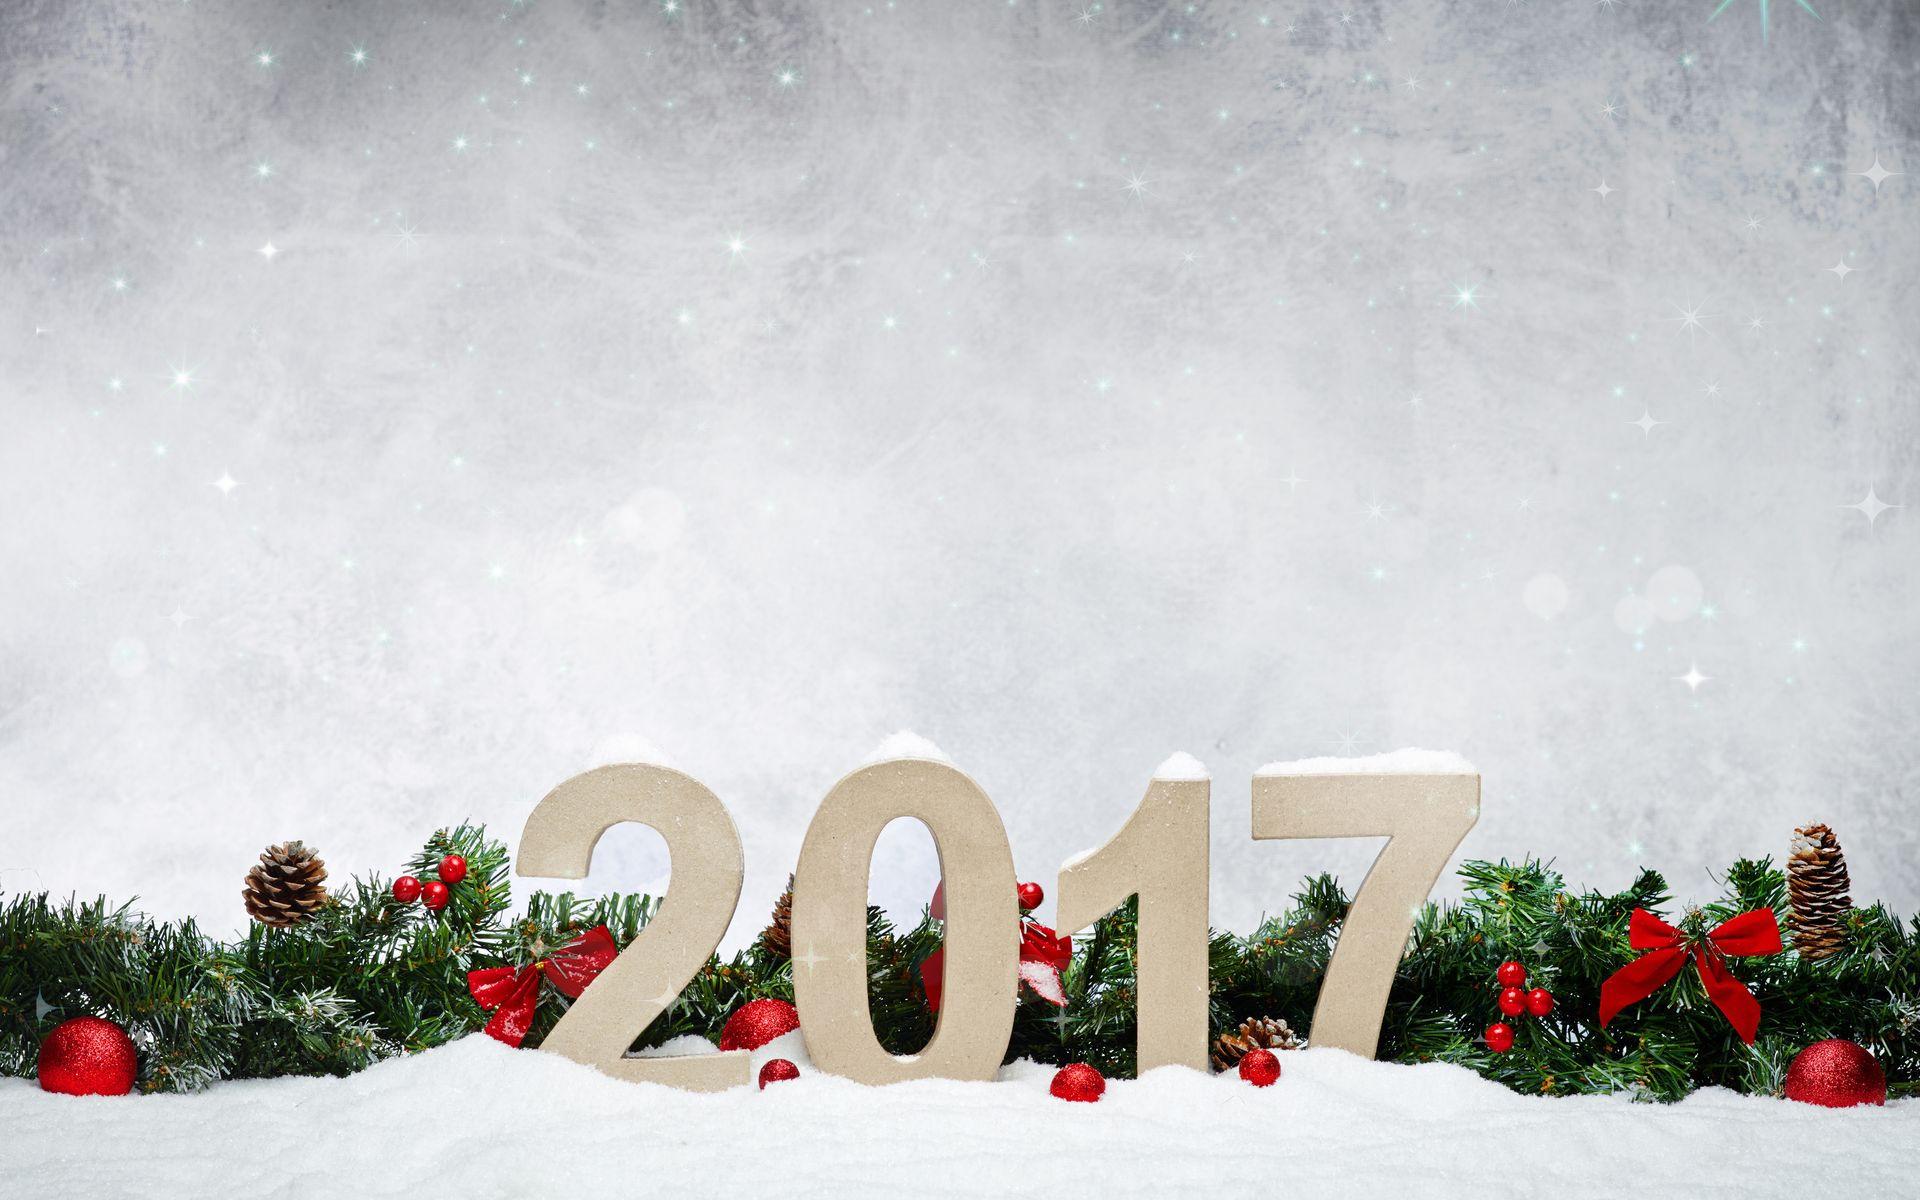 Новогодние украшения 2017 год